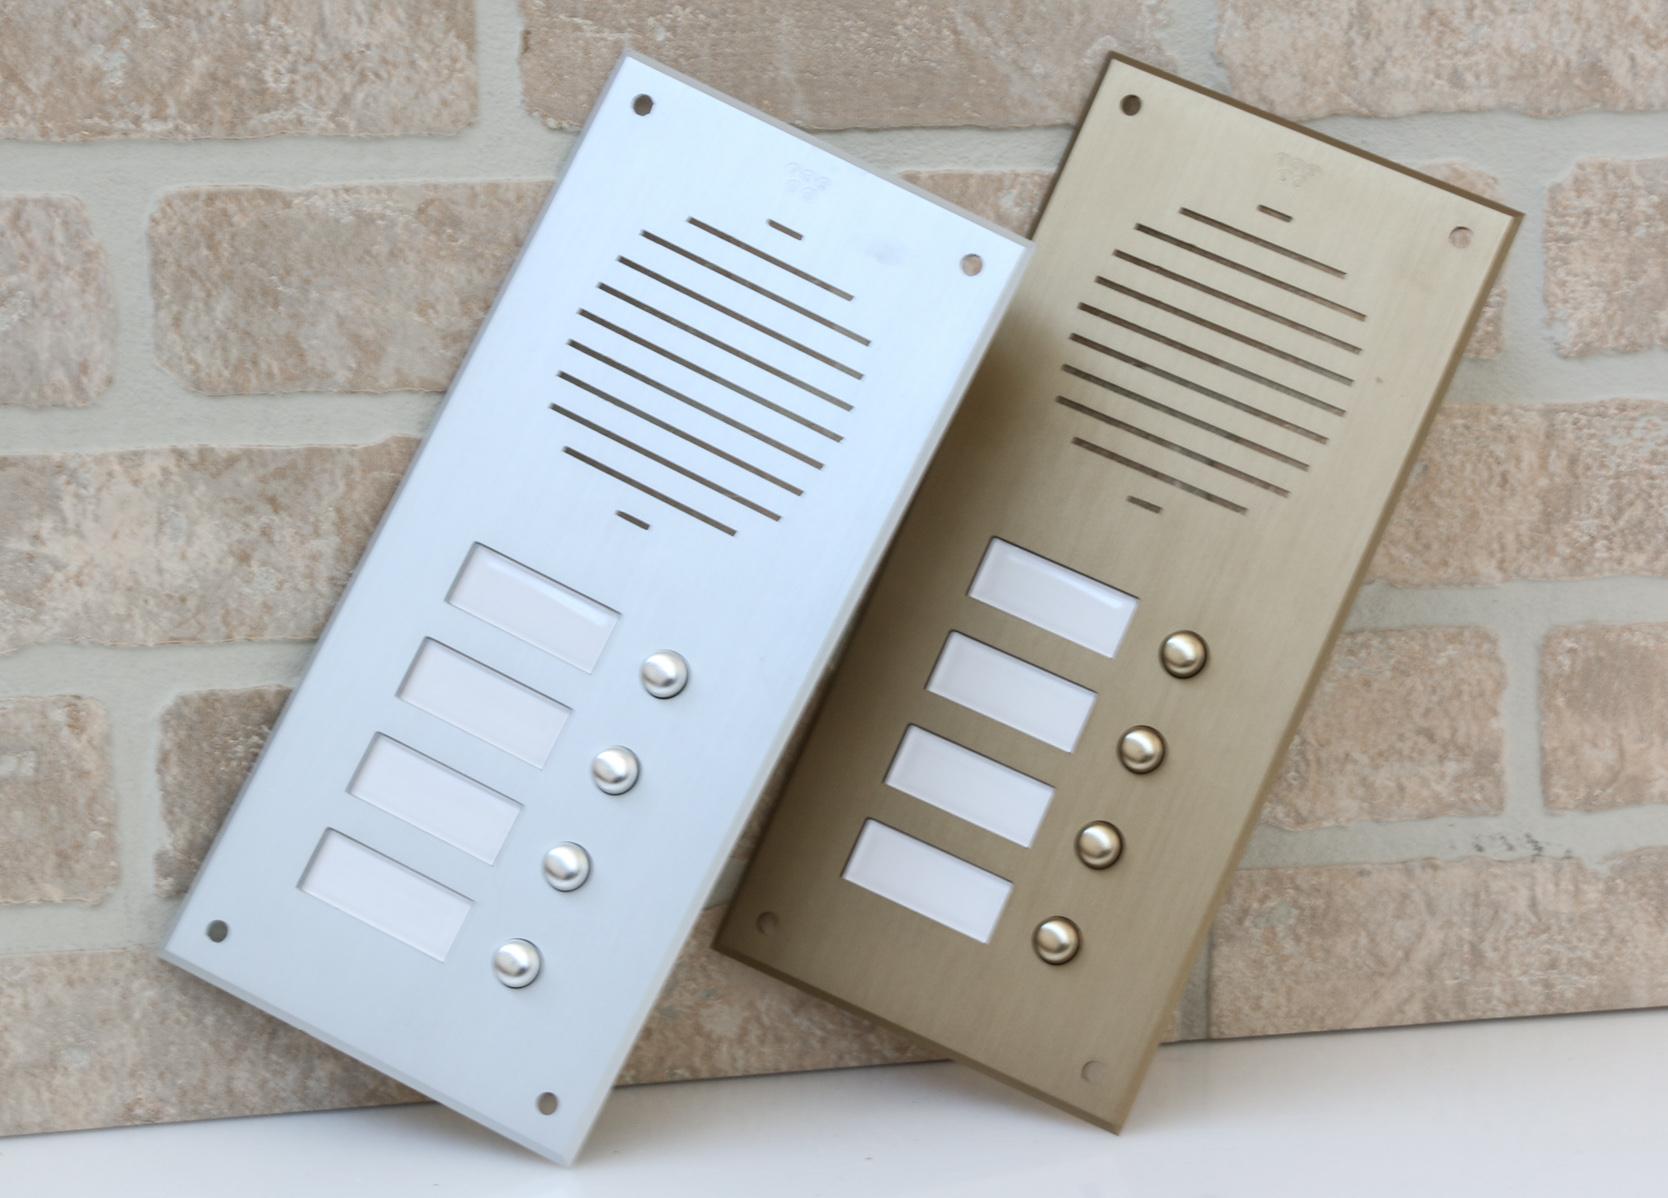 Pbrbo Pulsantiere Per Campanelli In Alluminio Anodizzato